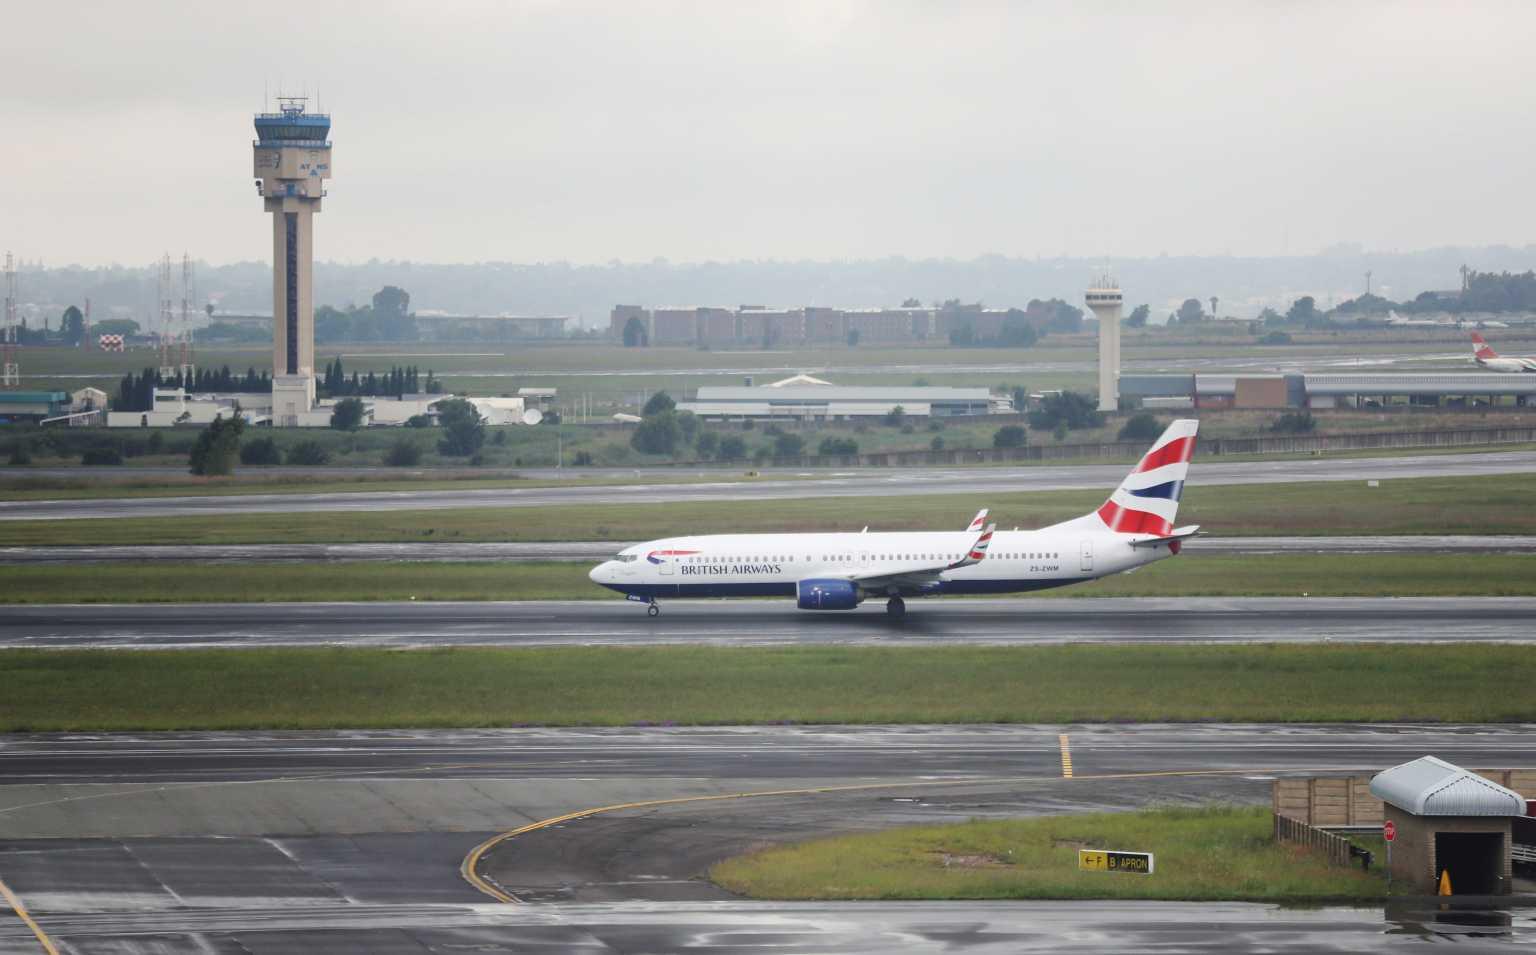 Τρόμος στον αέρα – Αναγκαστική προσγείωση για πτήση της British Airways που είχε προορισμό την Αθήνα